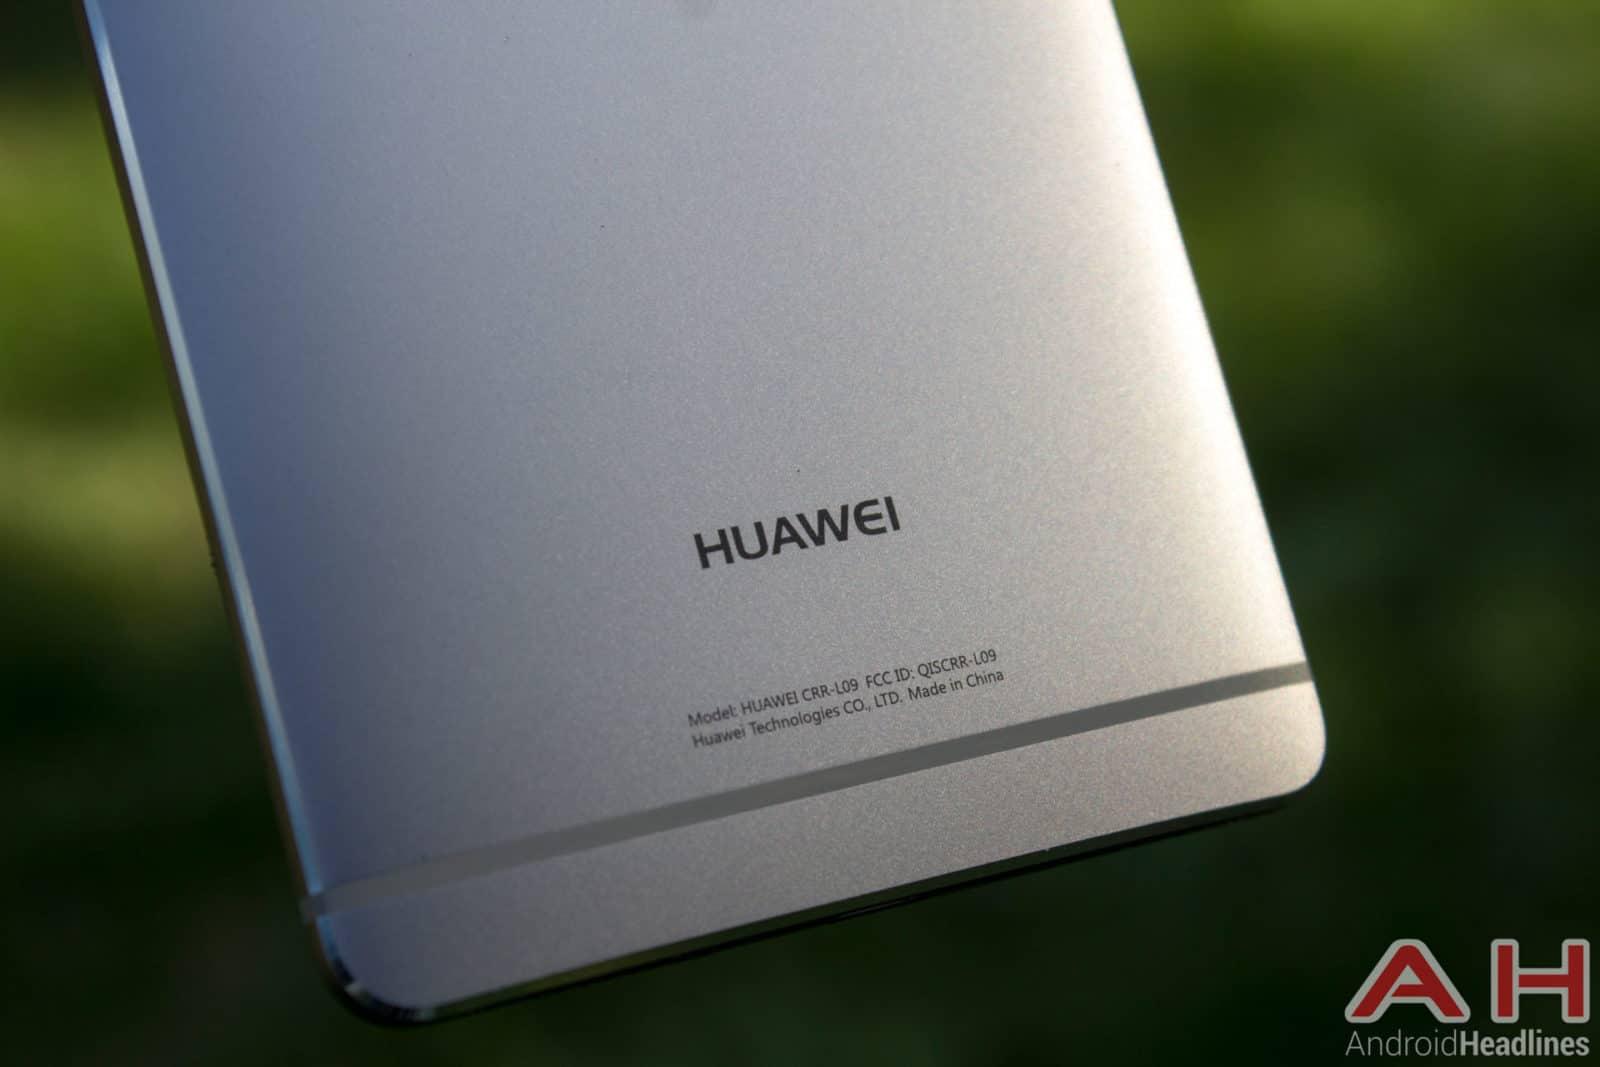 Huawei-Mate-S-AH-NS-logo-3